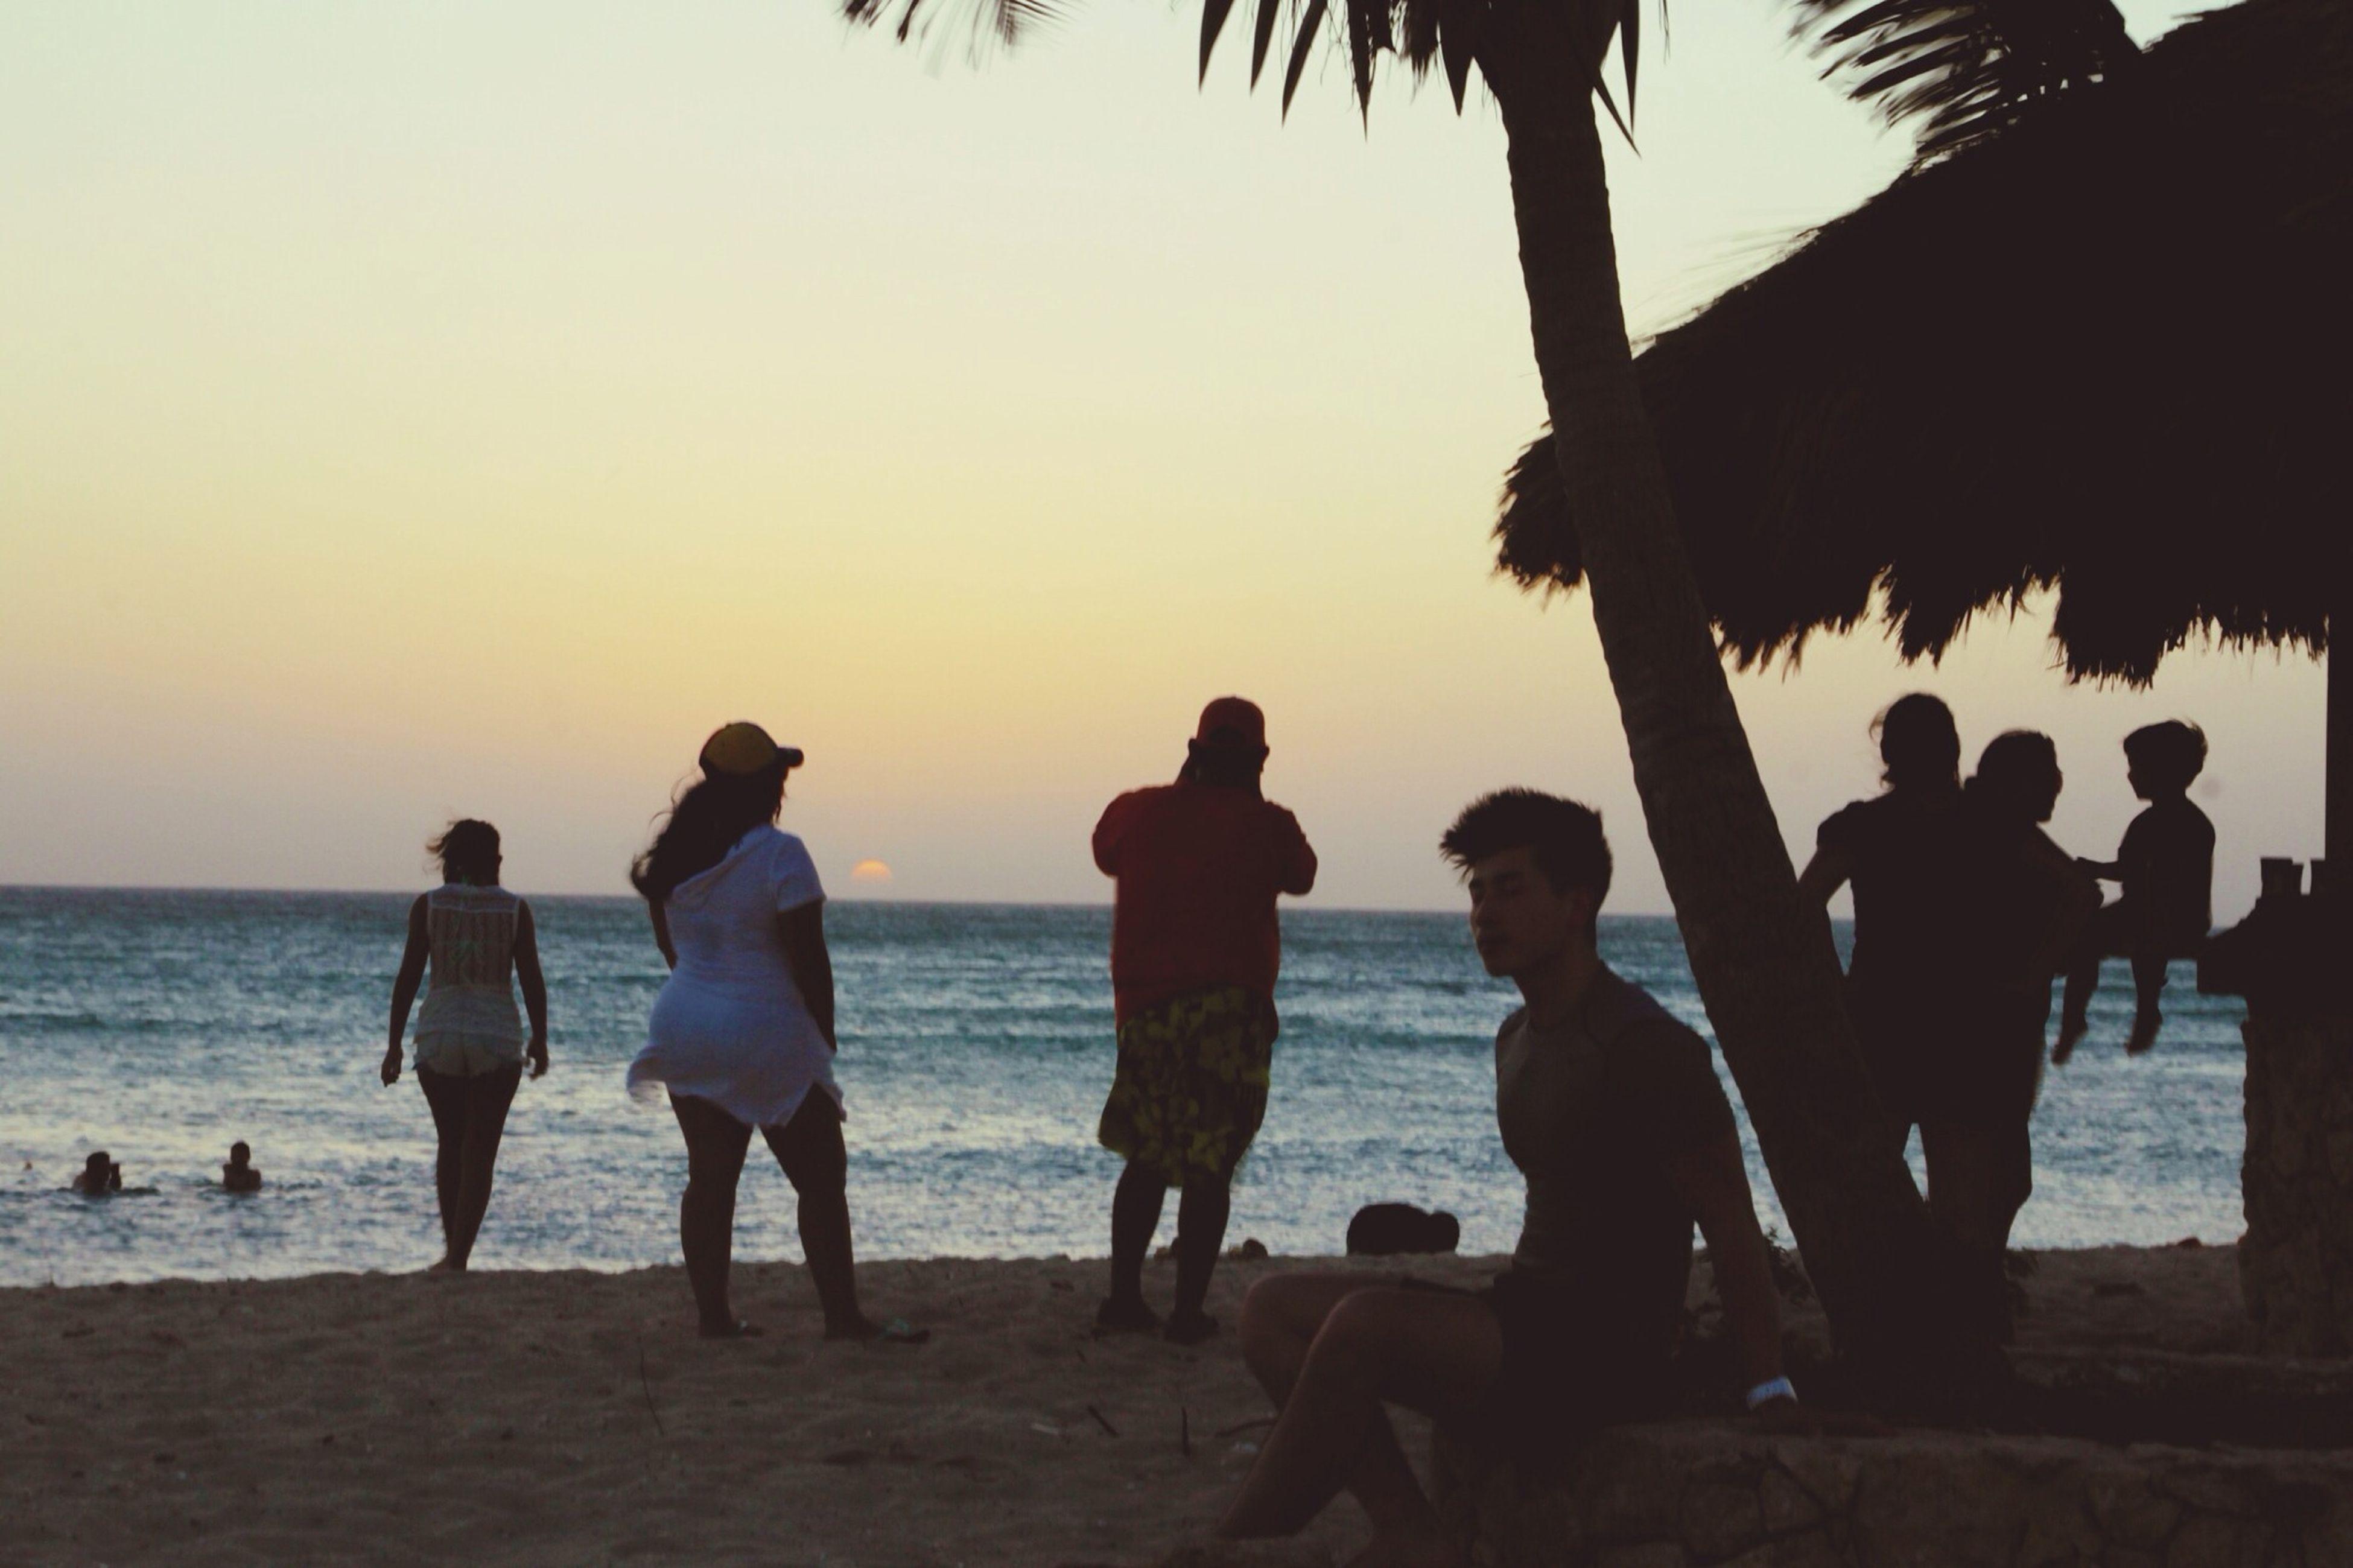 aruba sunset Sunset Aruba Carribean Travel